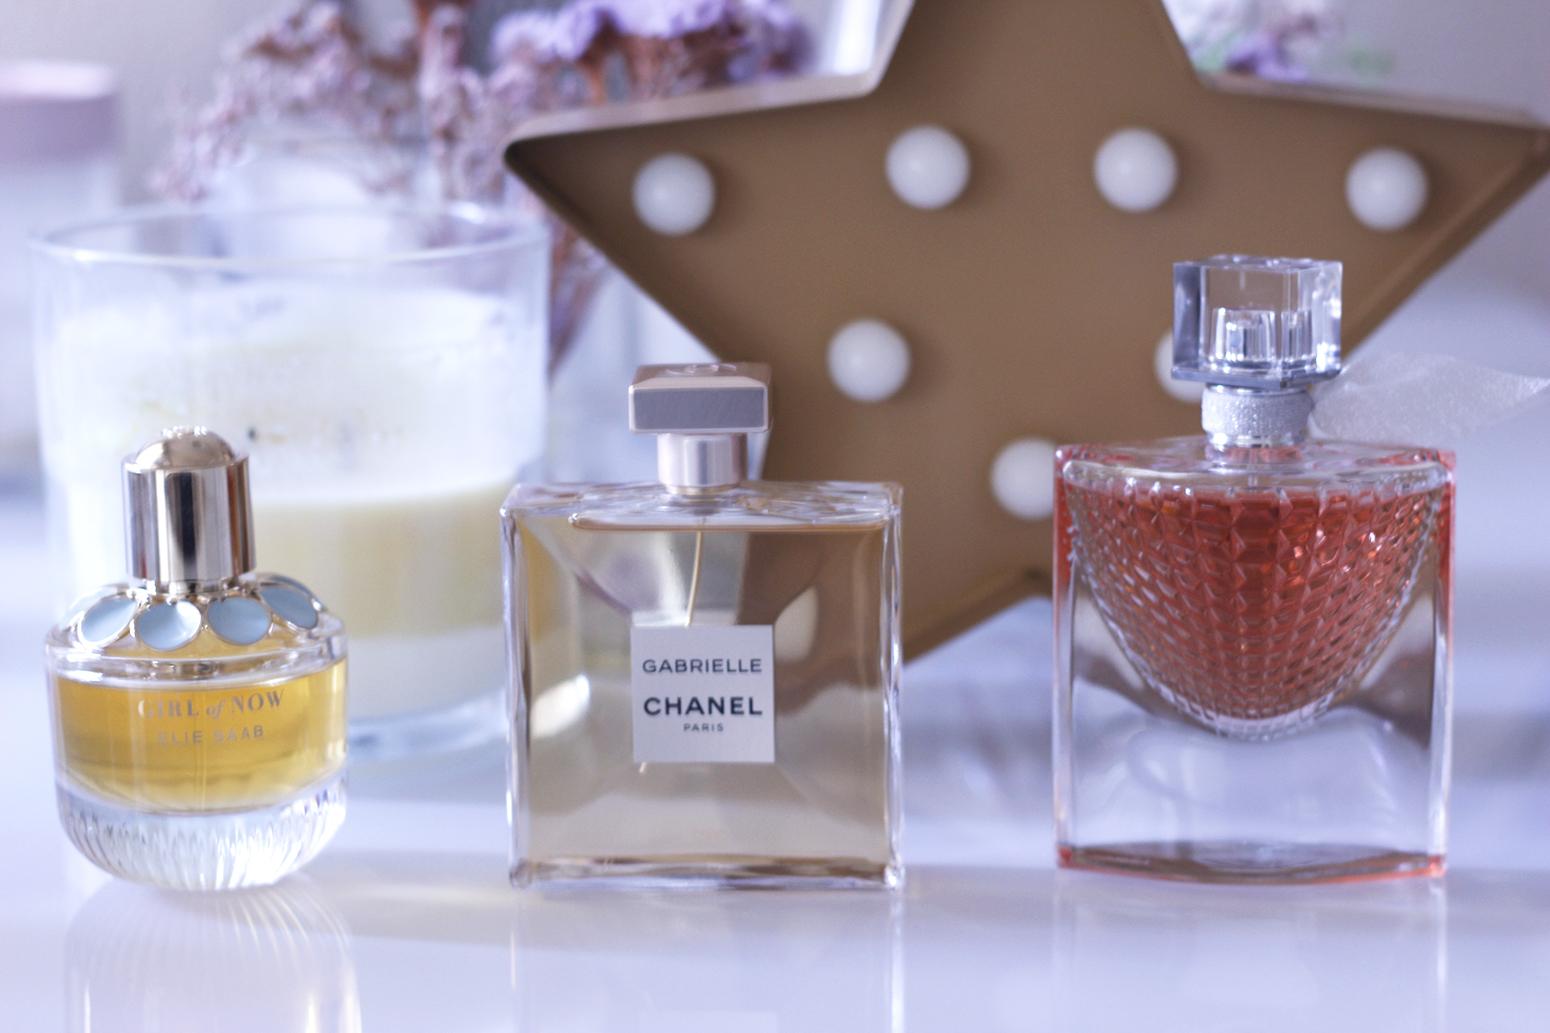 Rutina de belleza pixi biotherm chanel lierac lancôme eli saab cuidados de la piel cremas piel2